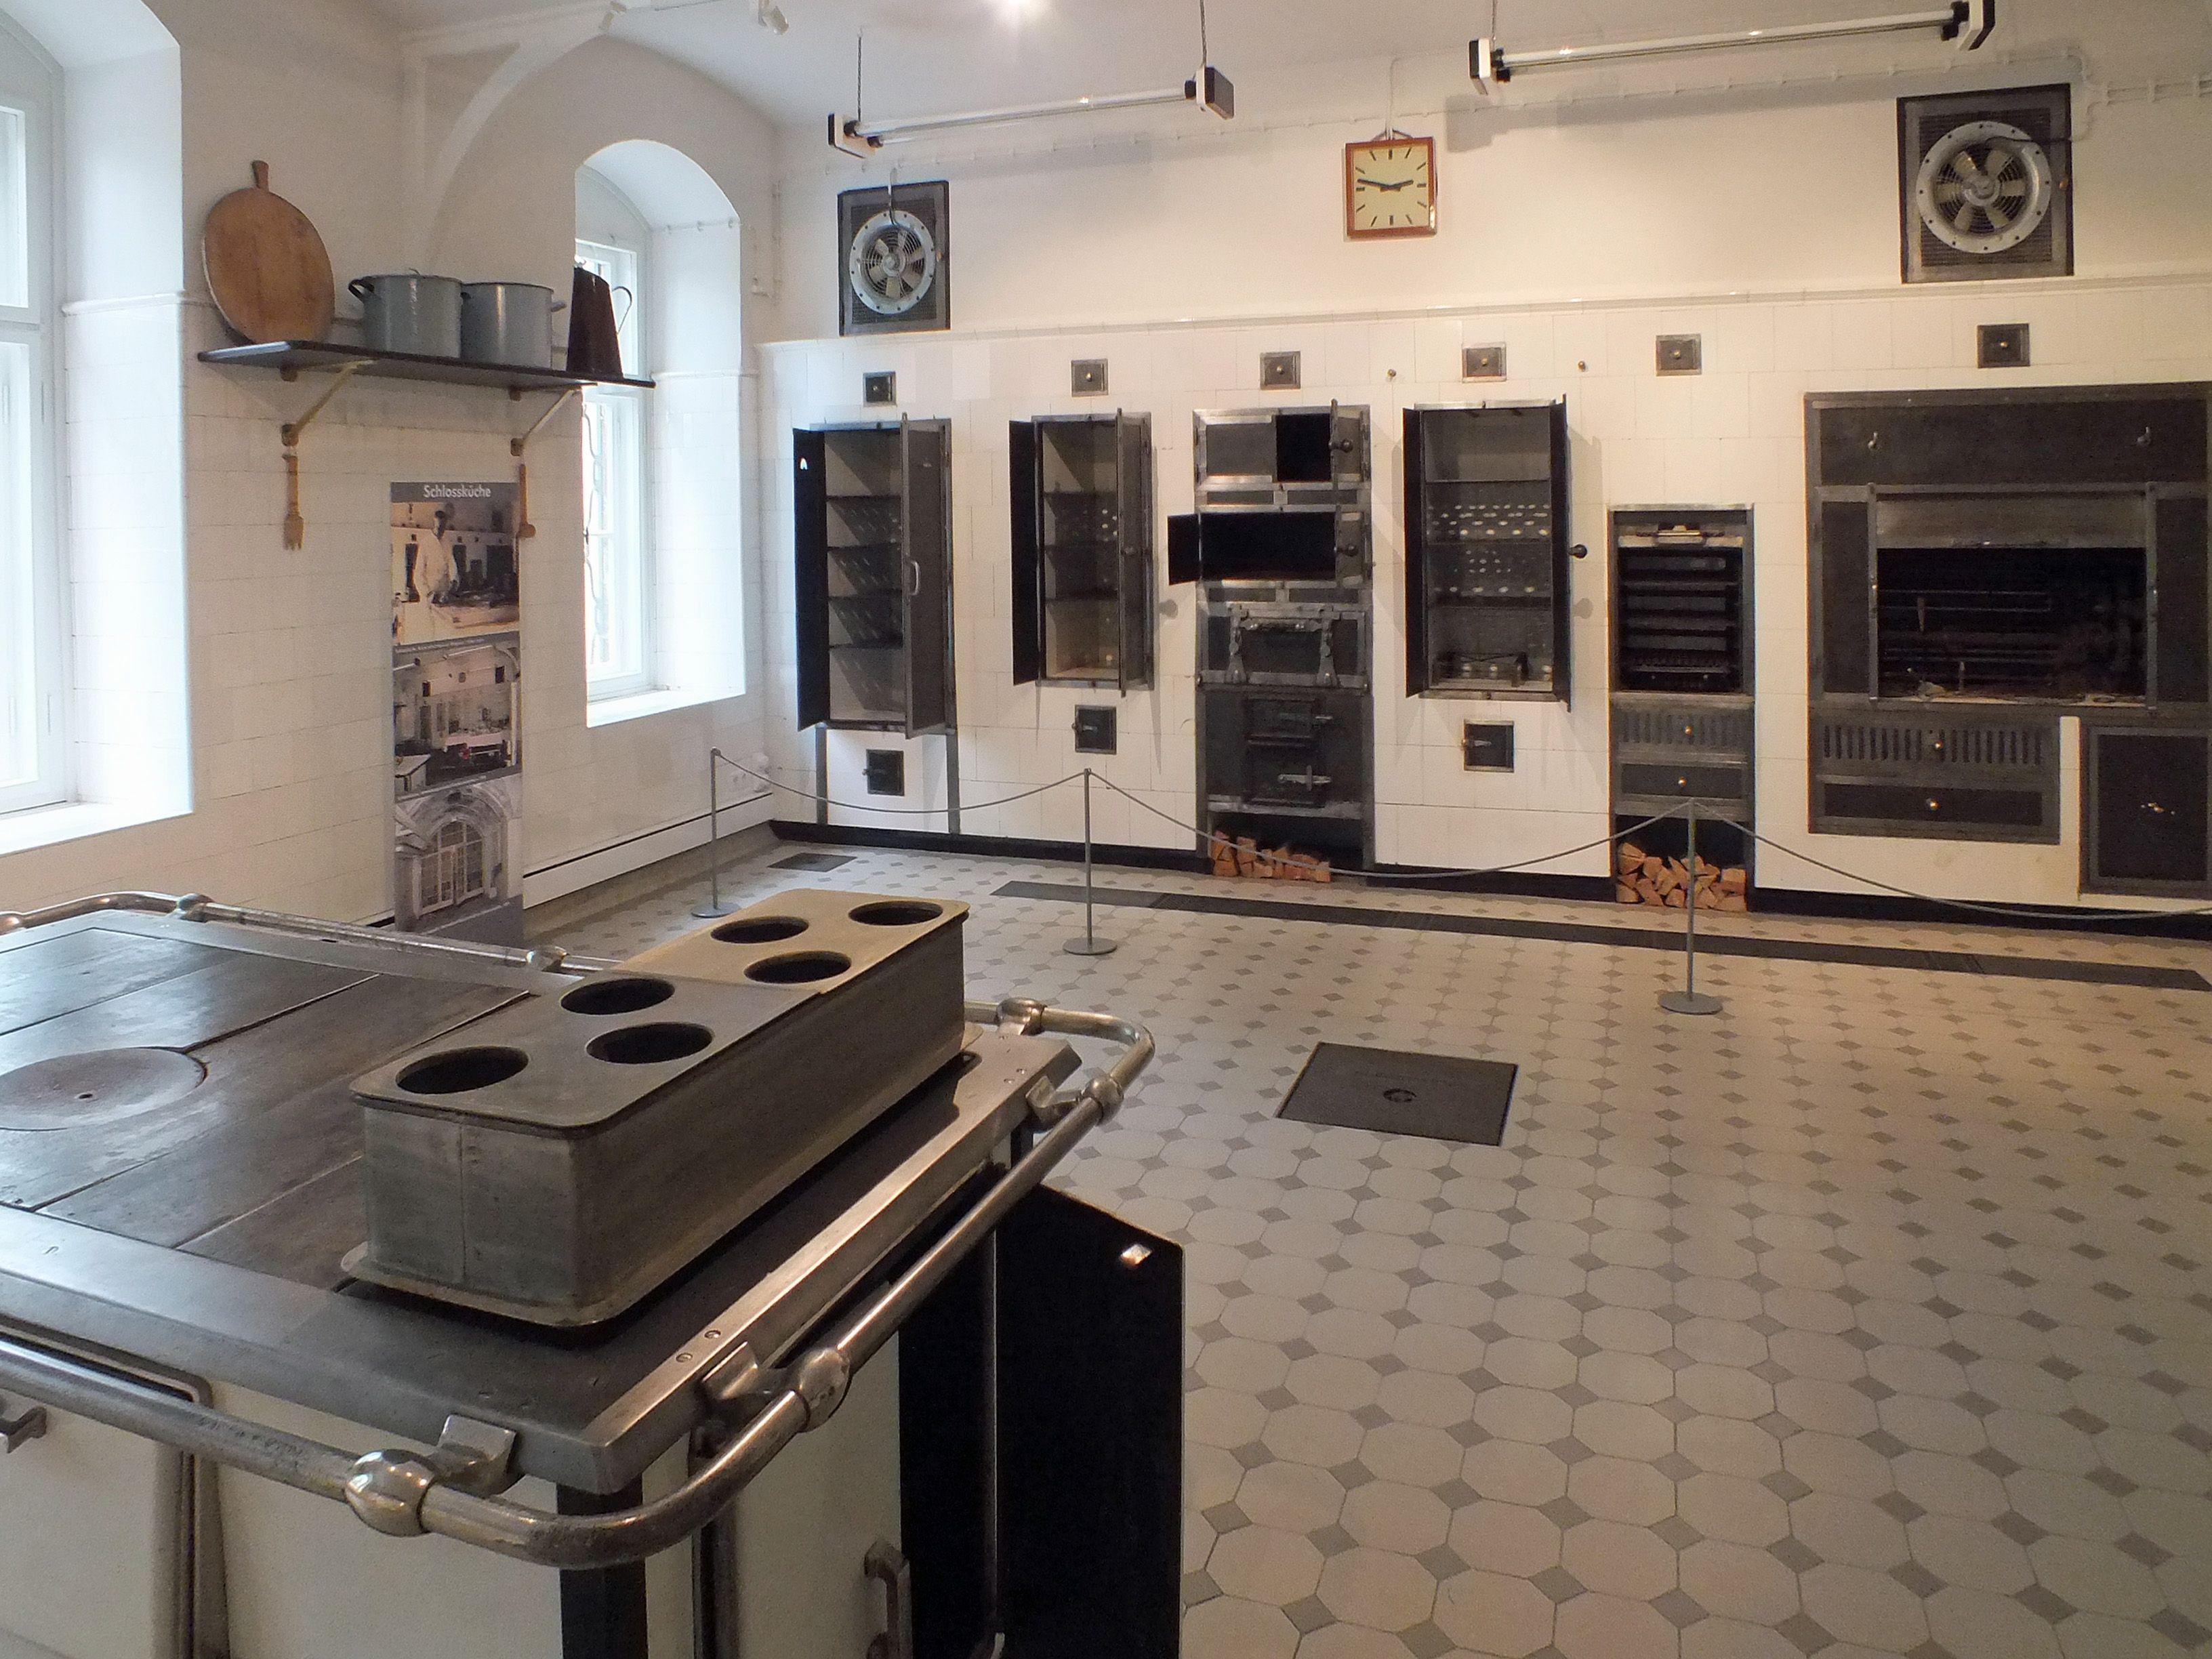 File:Schloss Waldenburg Schlossküche.jpg - Wikimedia Commons